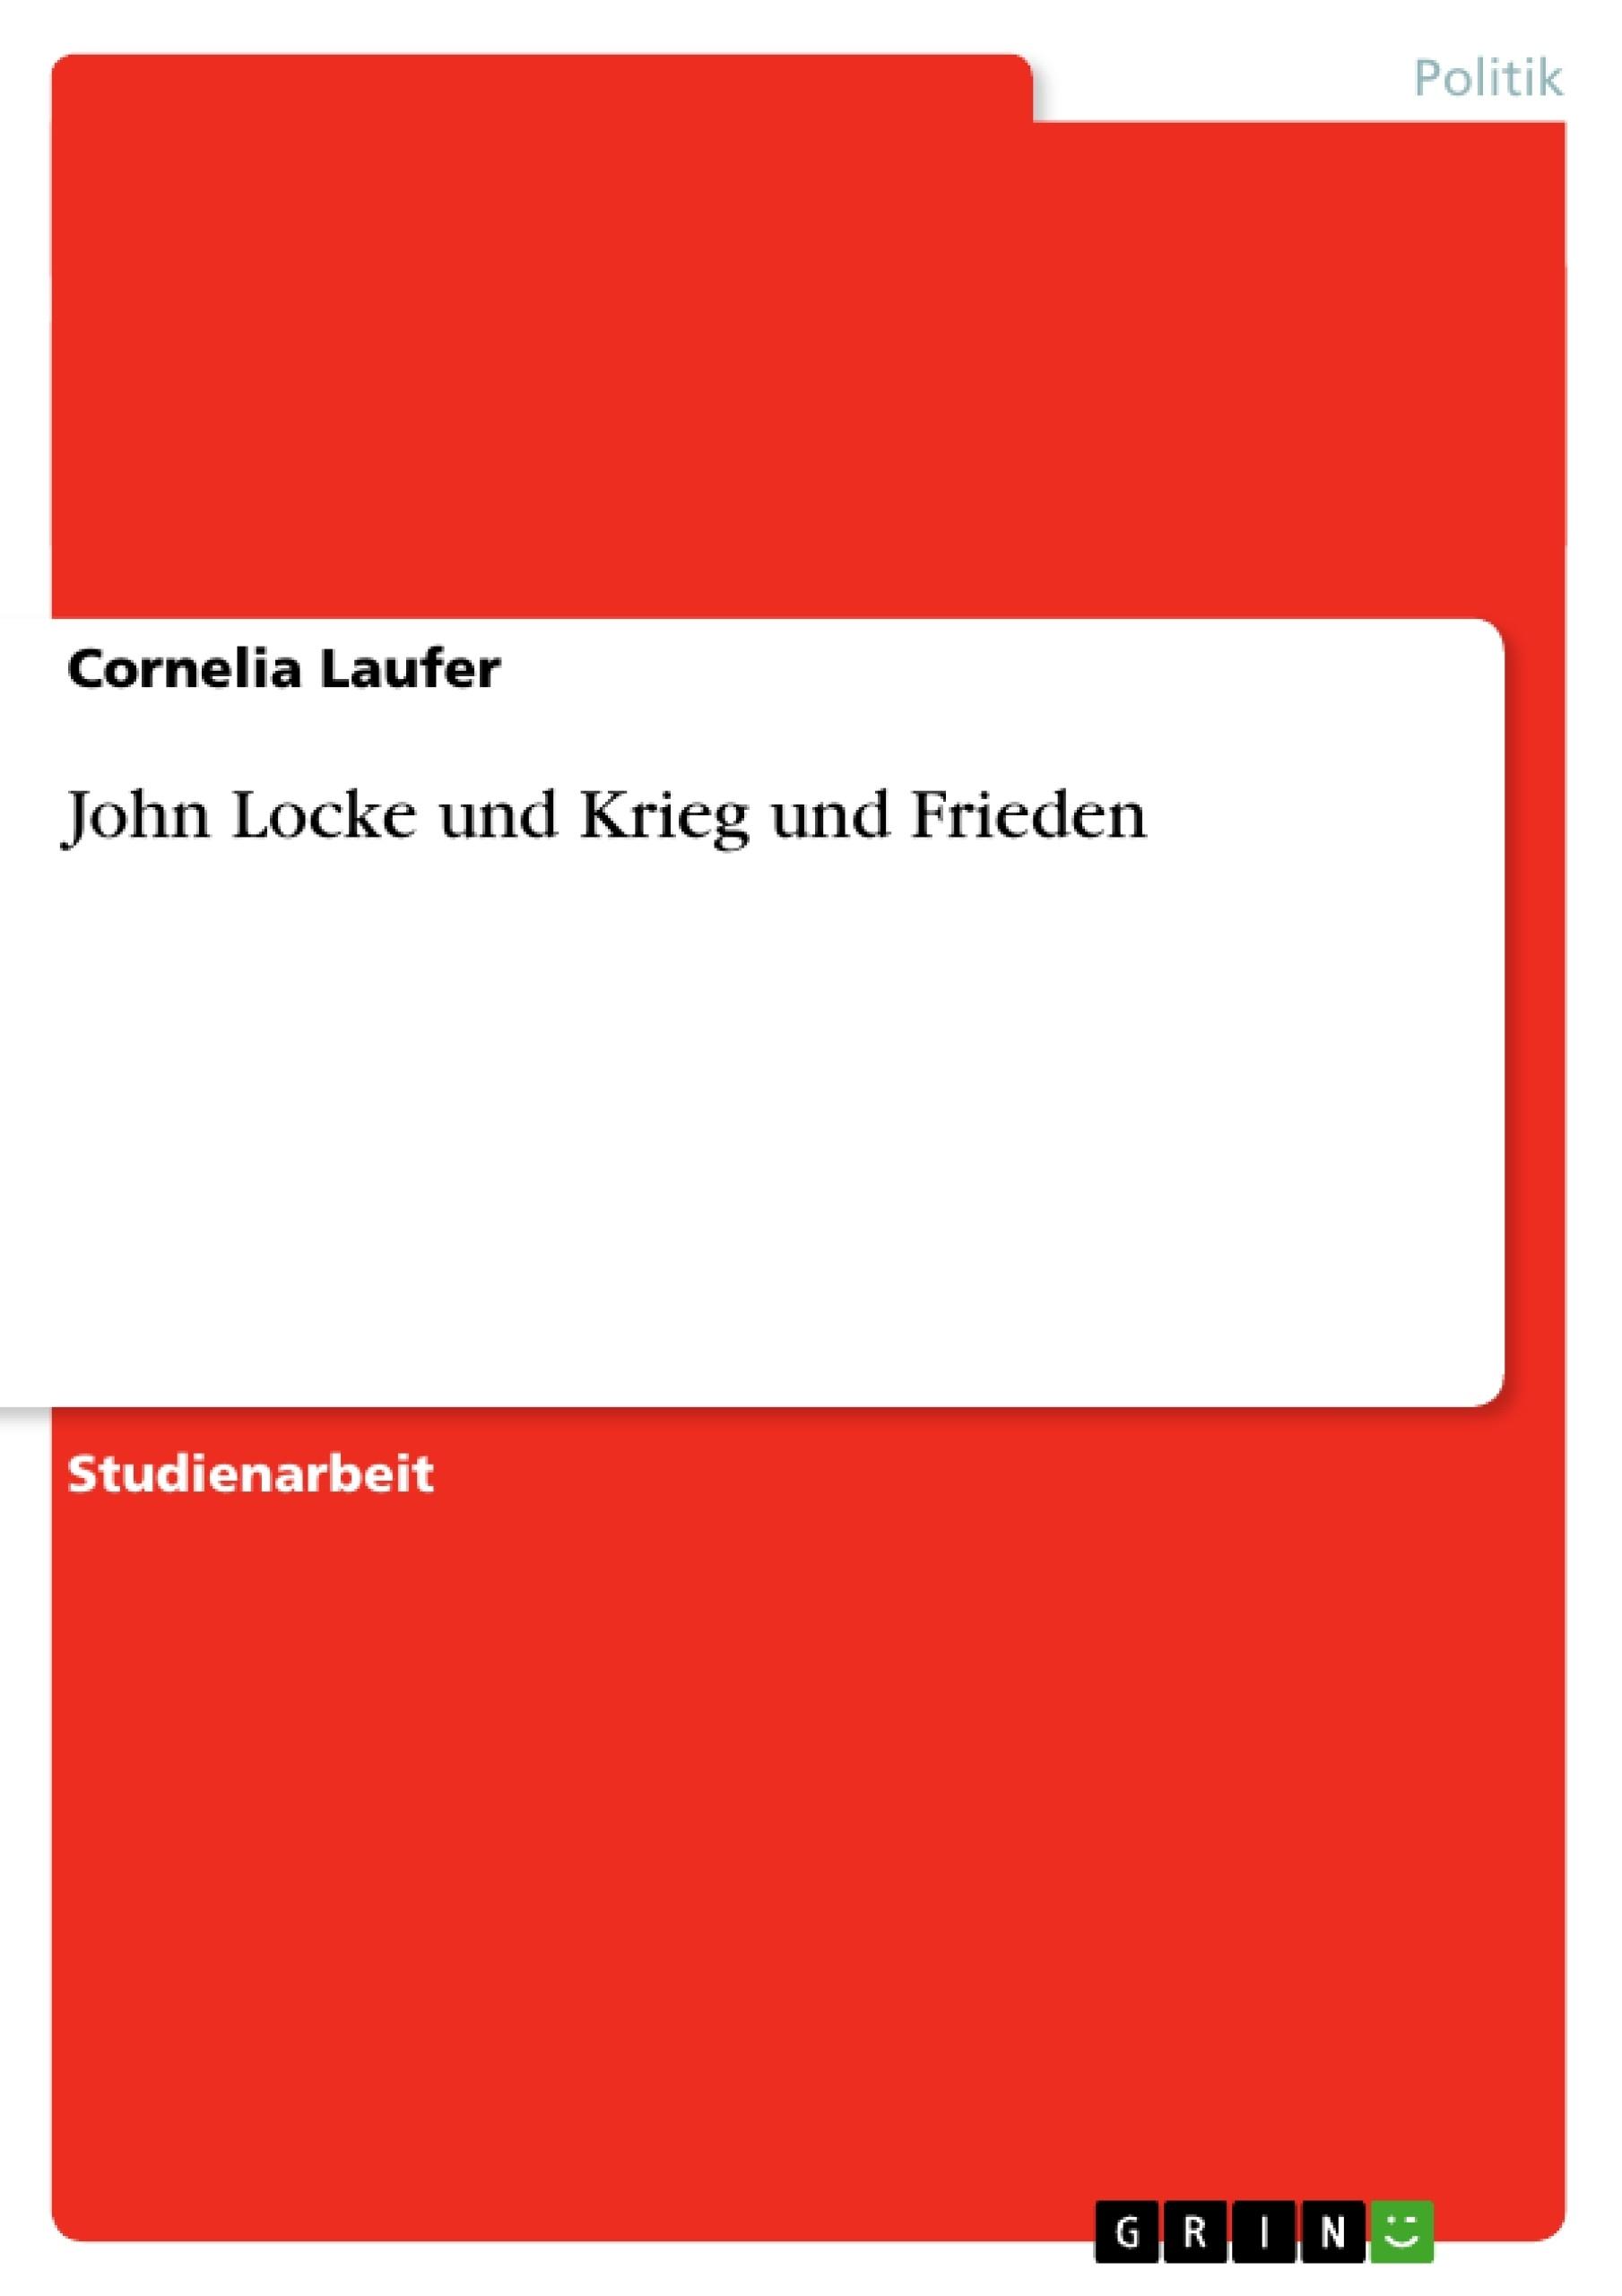 Titel: John Locke und Krieg und Frieden